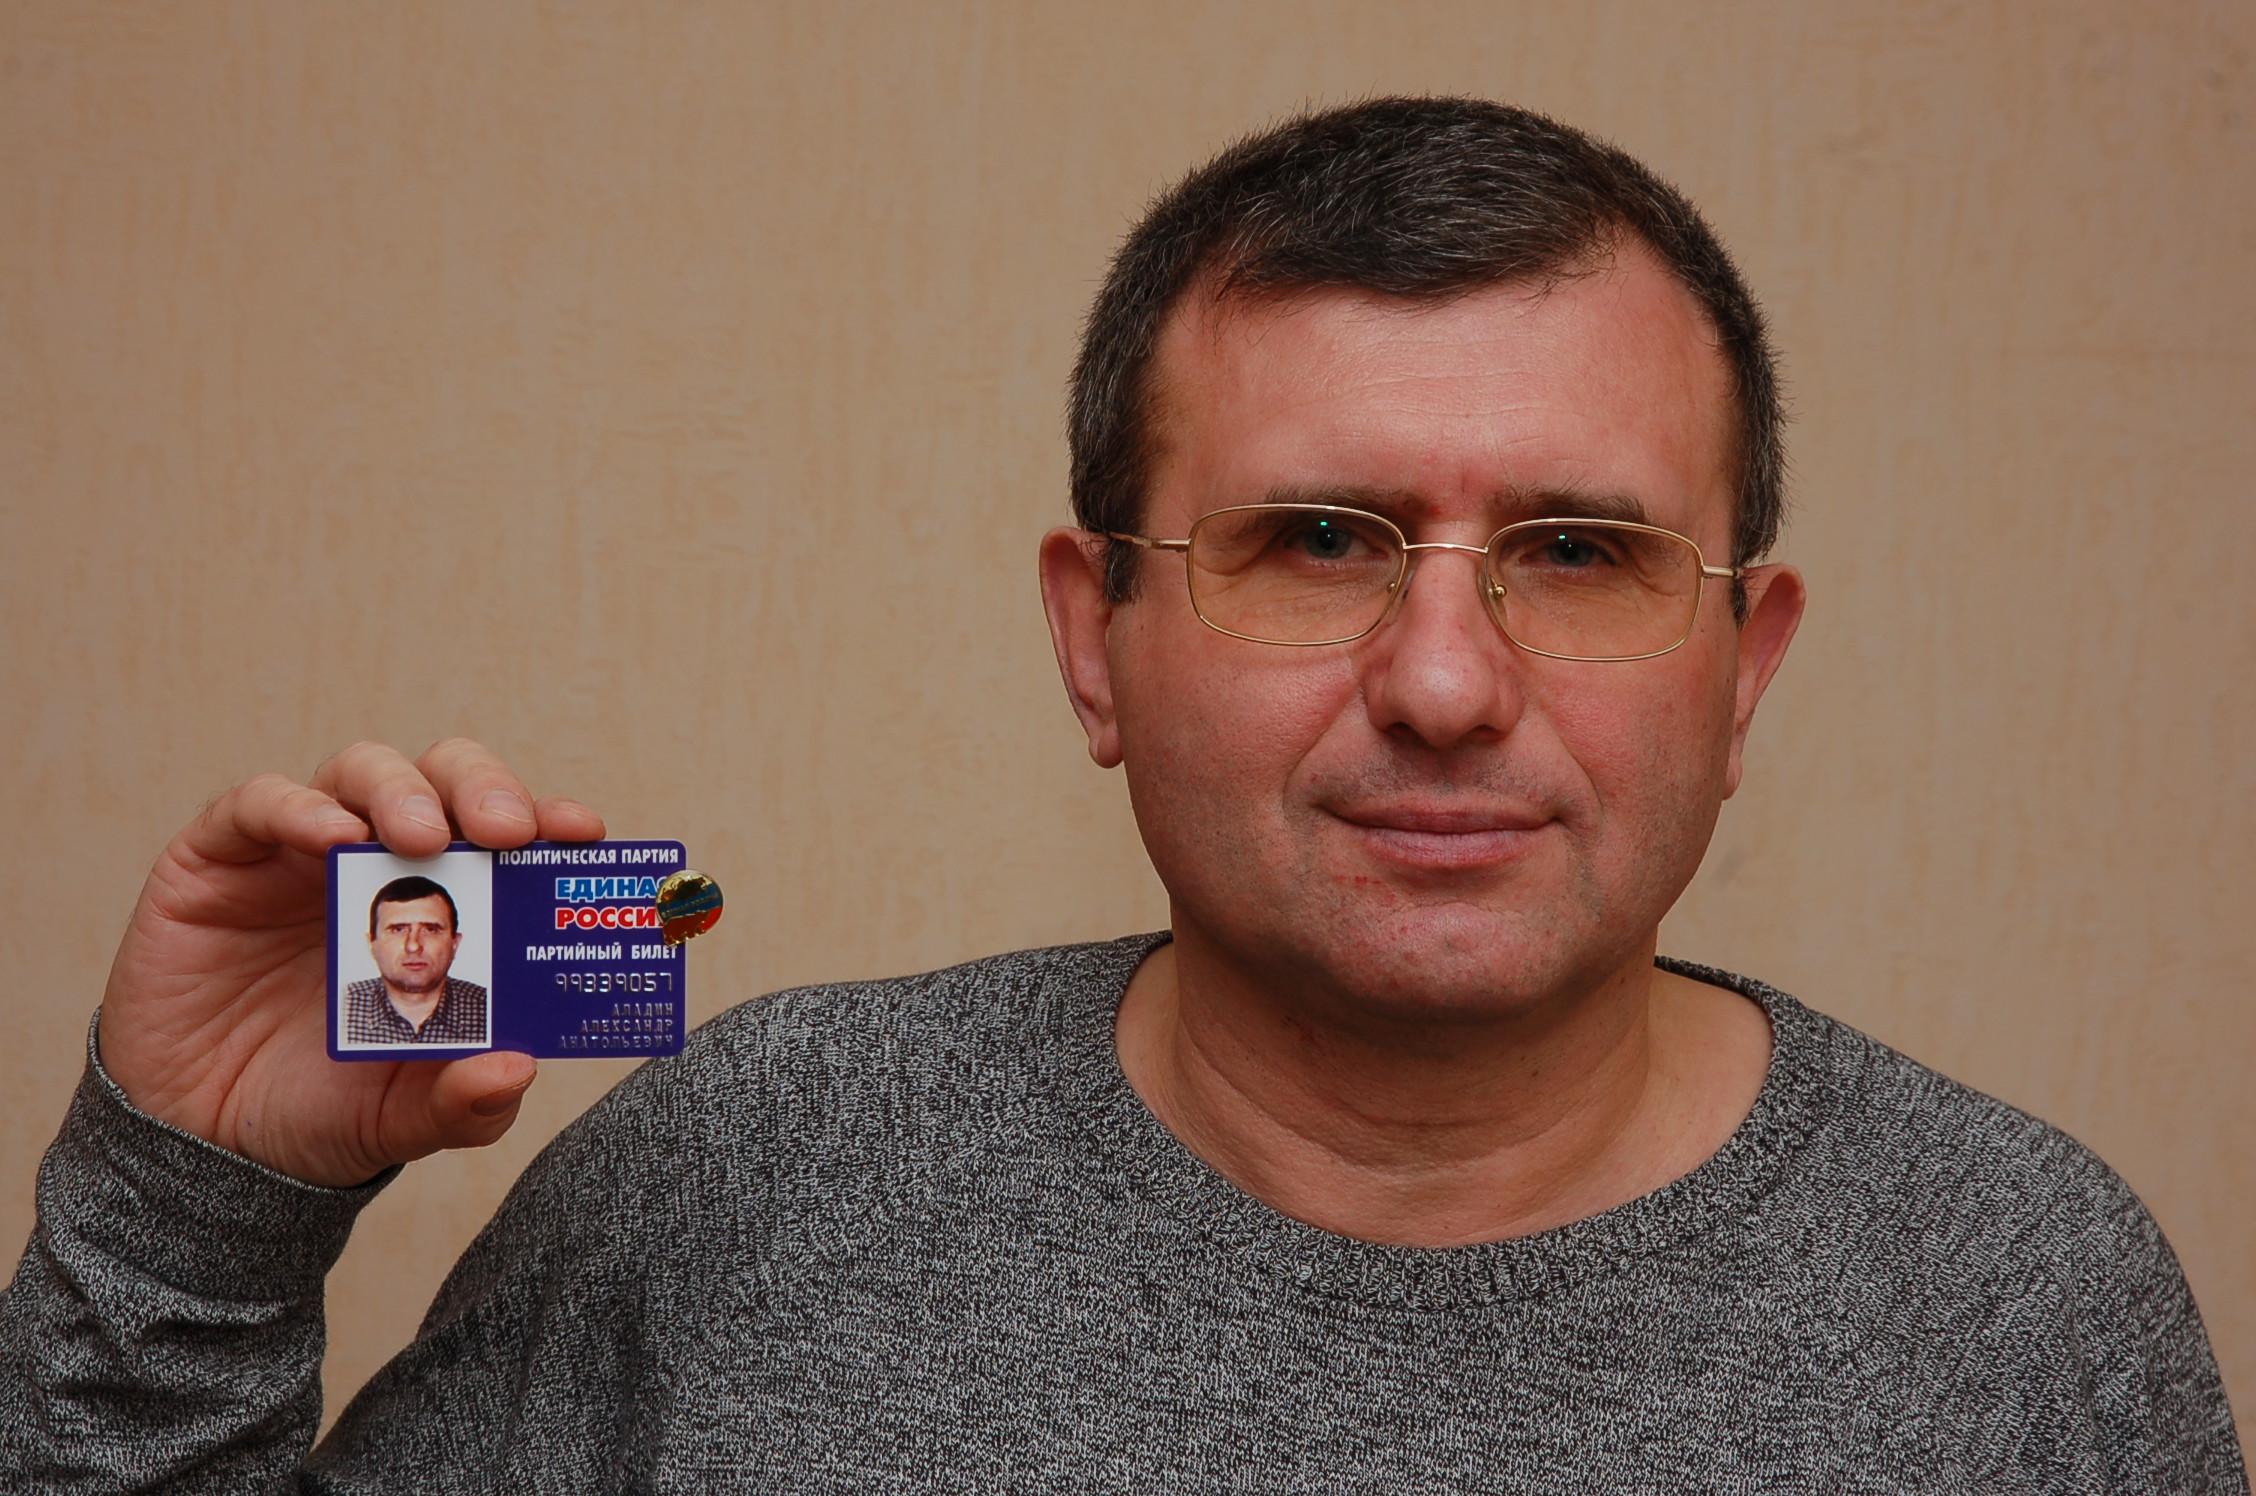 Александр Аладдин Прошу меня больше не считать членом партии Единая